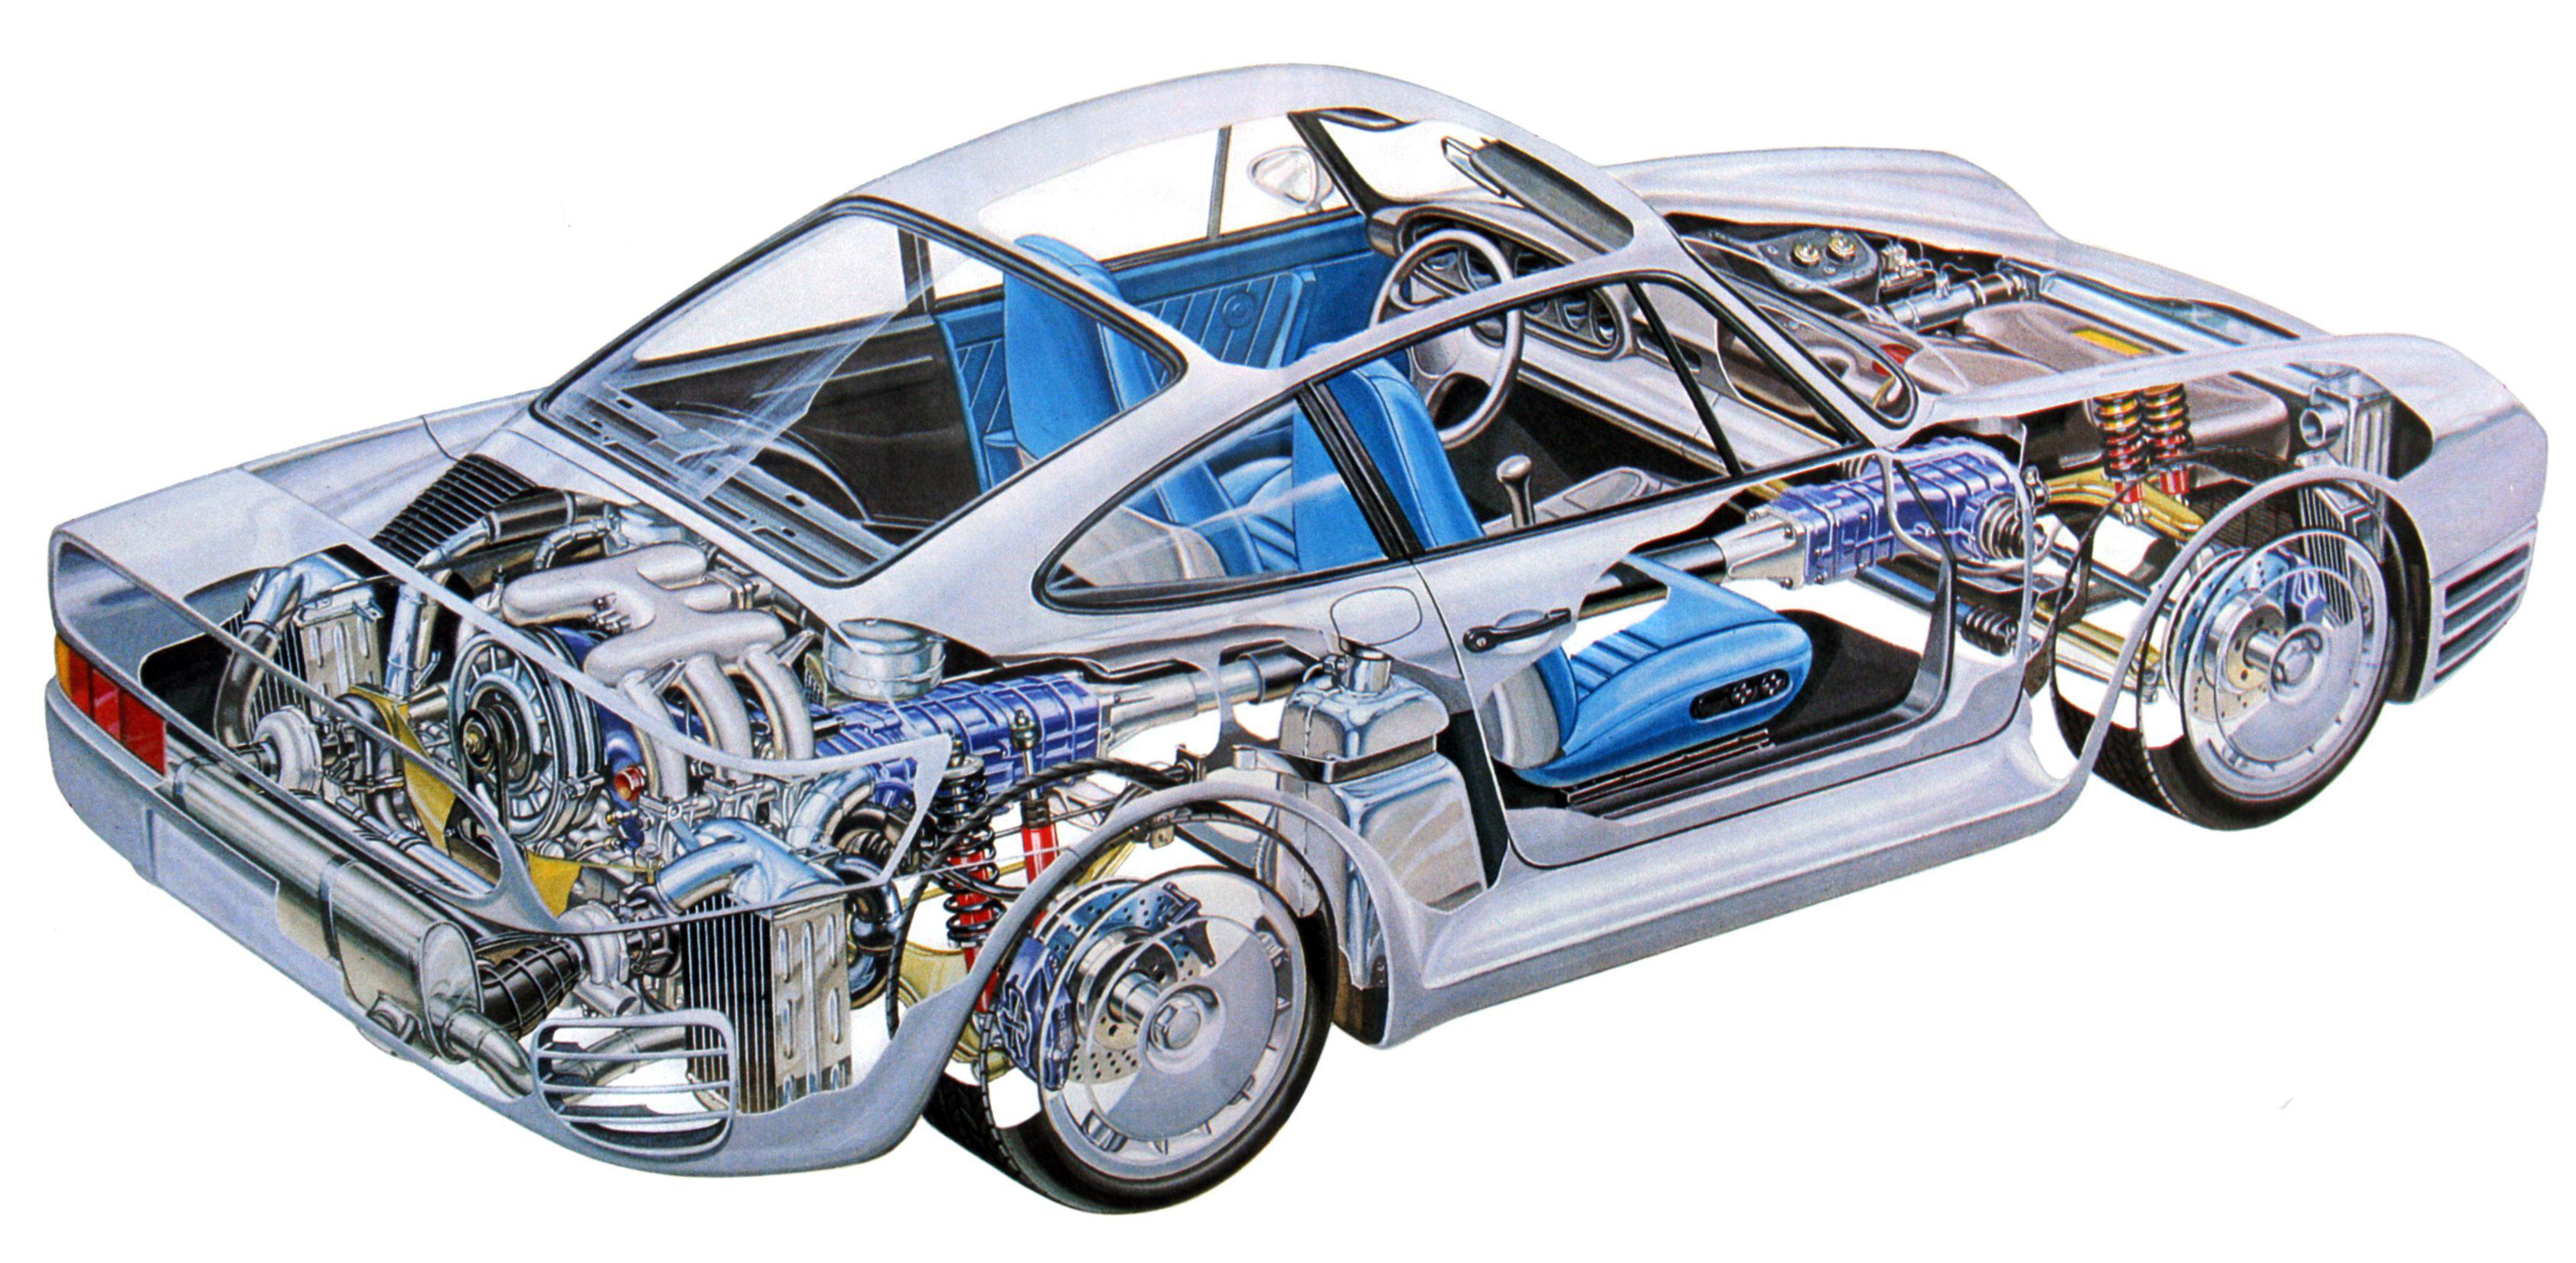 Porsche 959 cutaway drawing